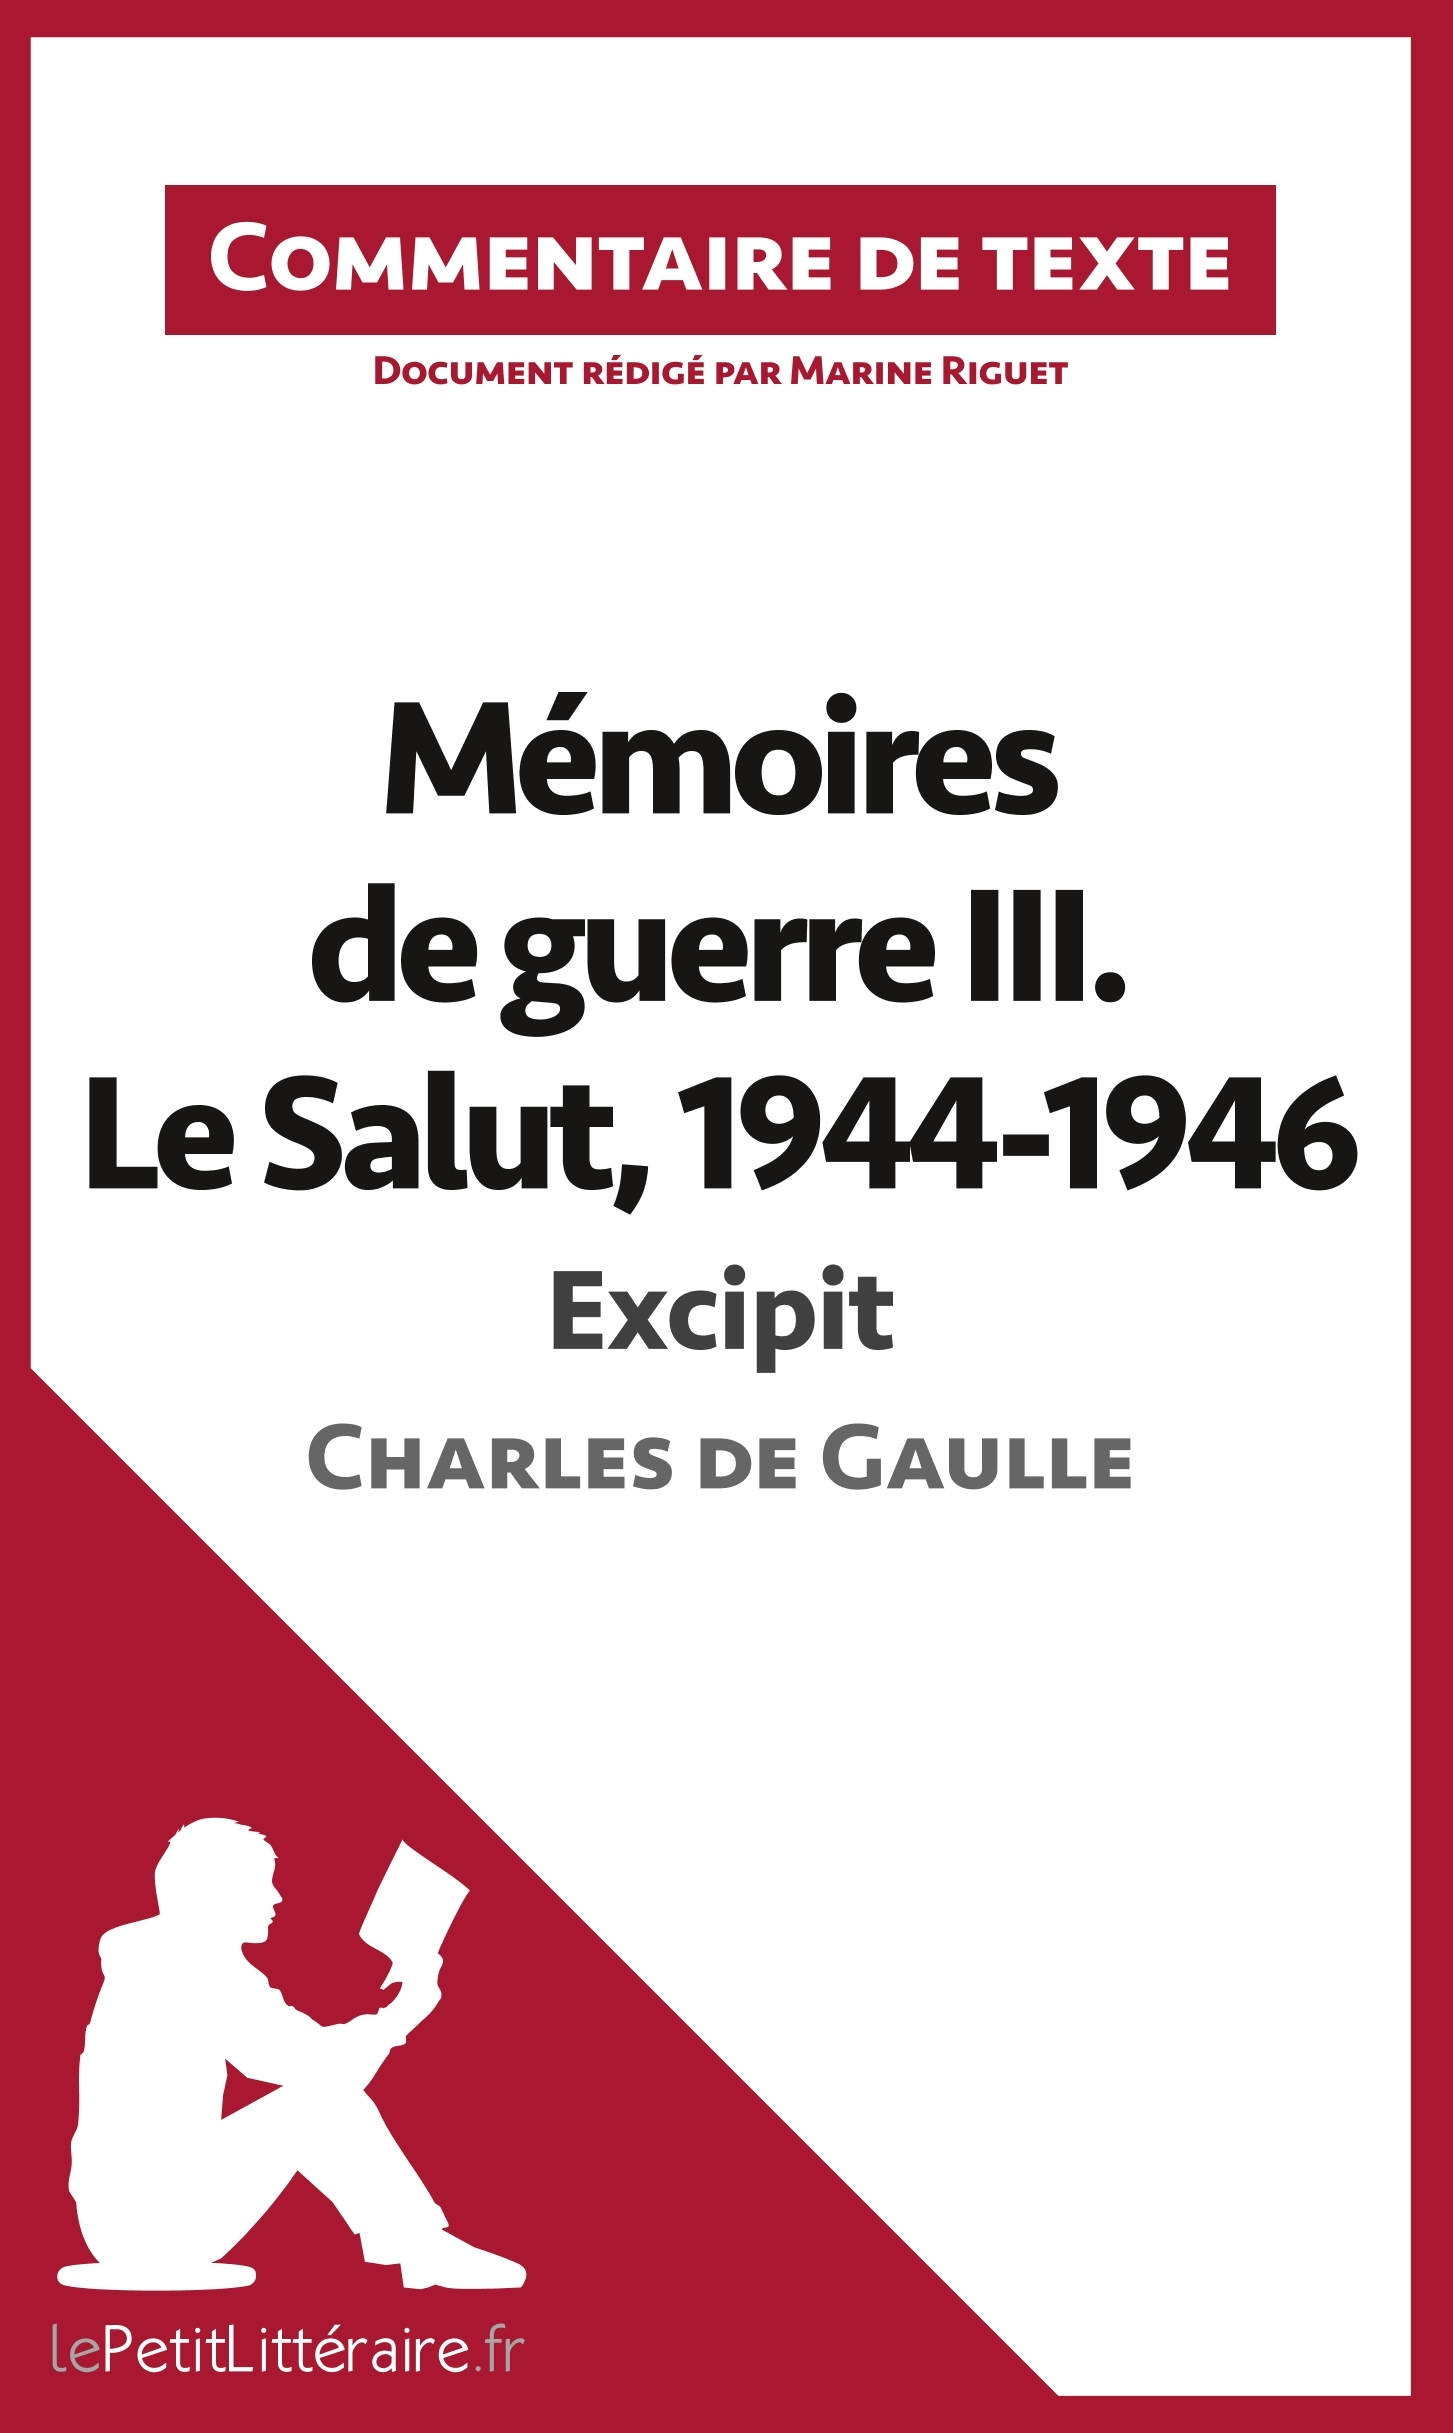 COMMENTAIRE COMPOSE MEMOIRES DE GUERRE III LE SALUT 1944 1946 DE CHARLES DE GAU